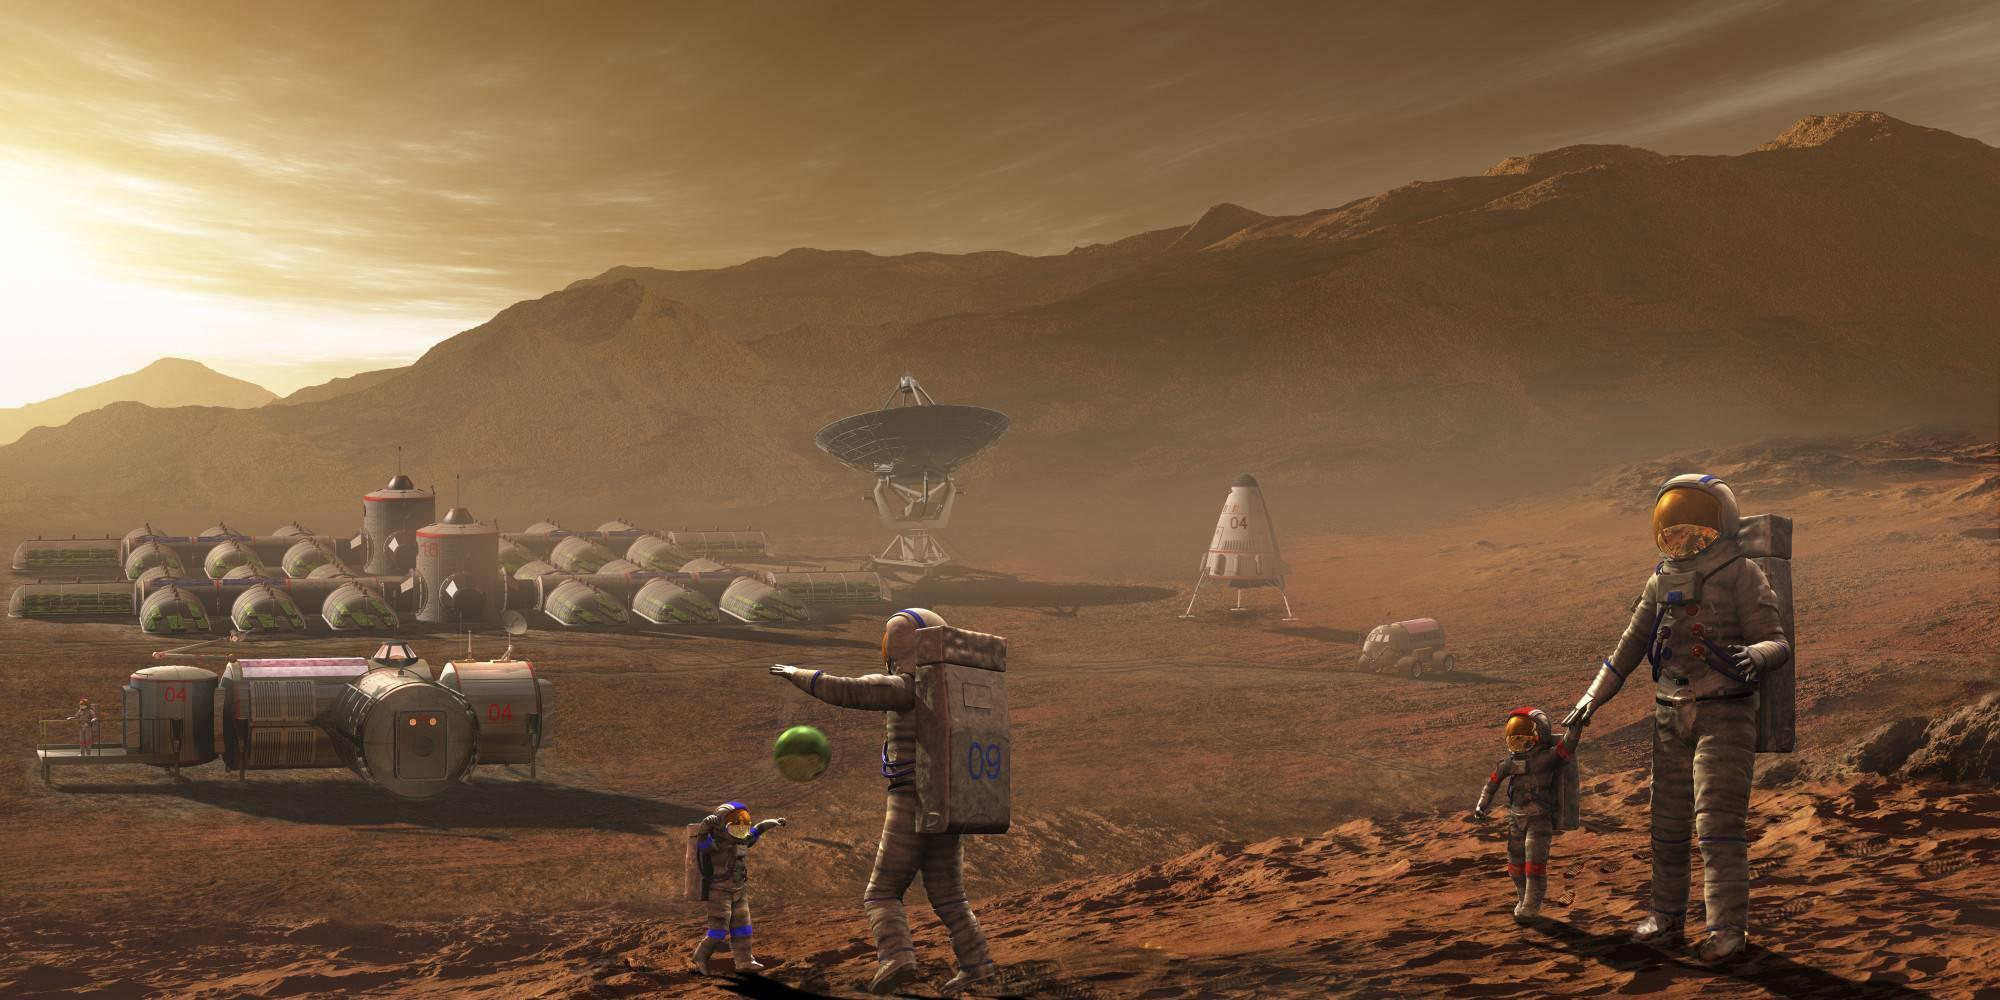 Ученые предлагают отправить земных микробов колонизировать Марс для людей